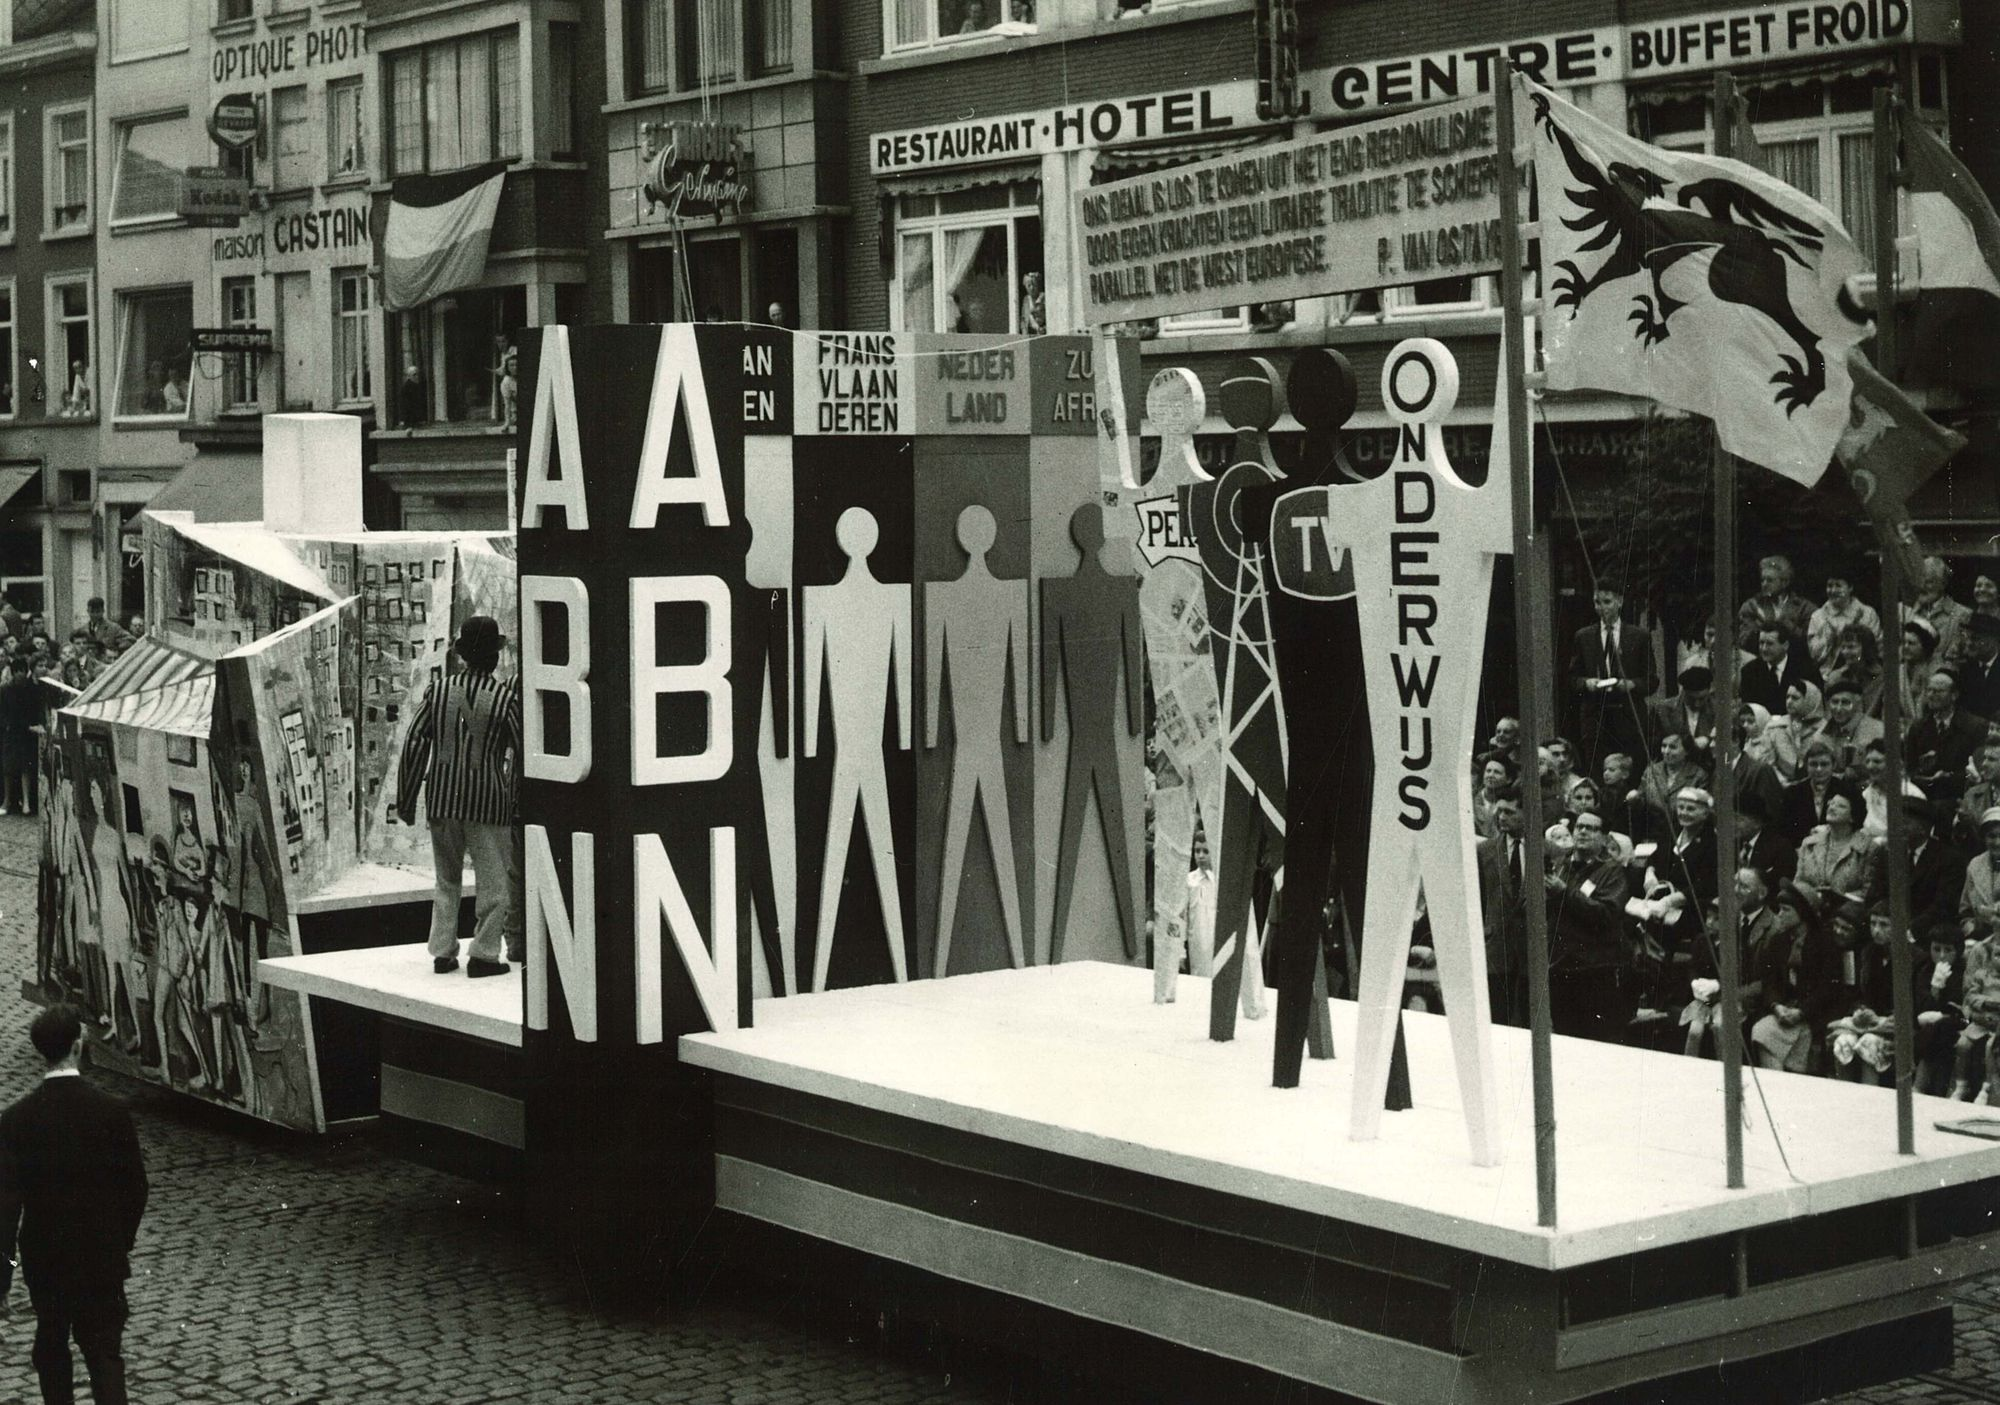 Praalstoet 'De luister der Nederlandse taal'